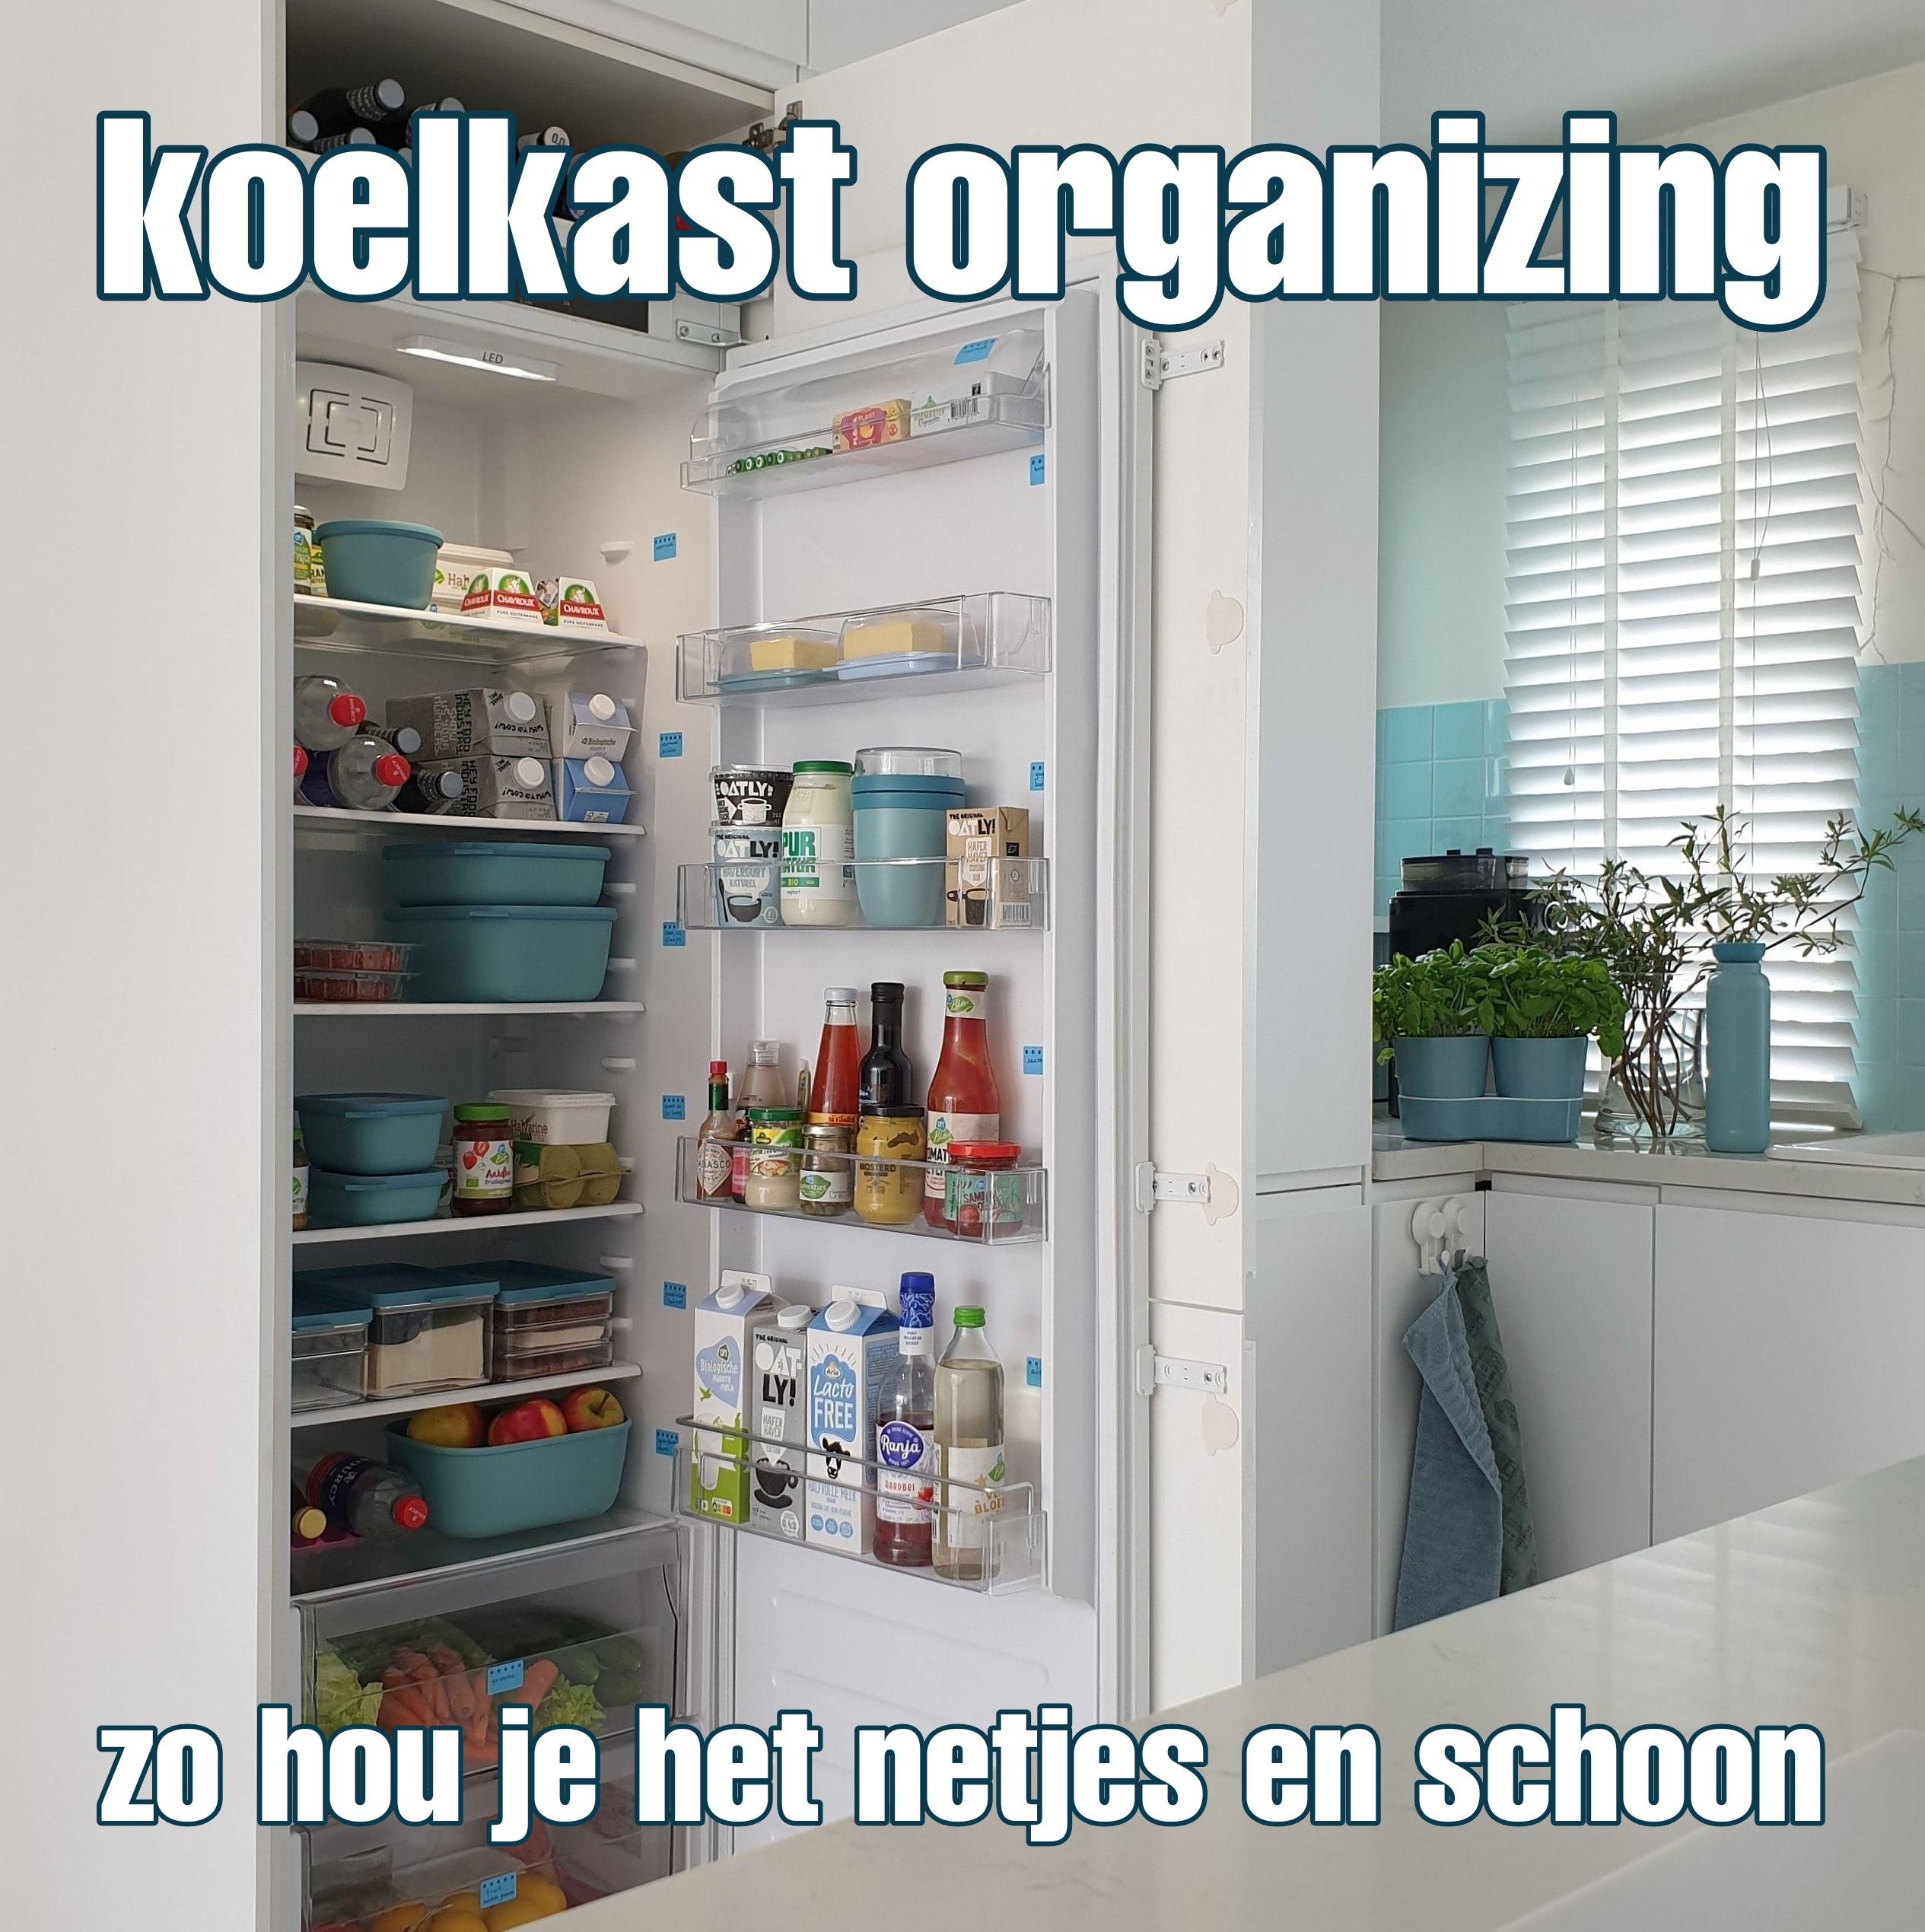 Koelkast organizing systeem: zo hou je het netjes en schoon